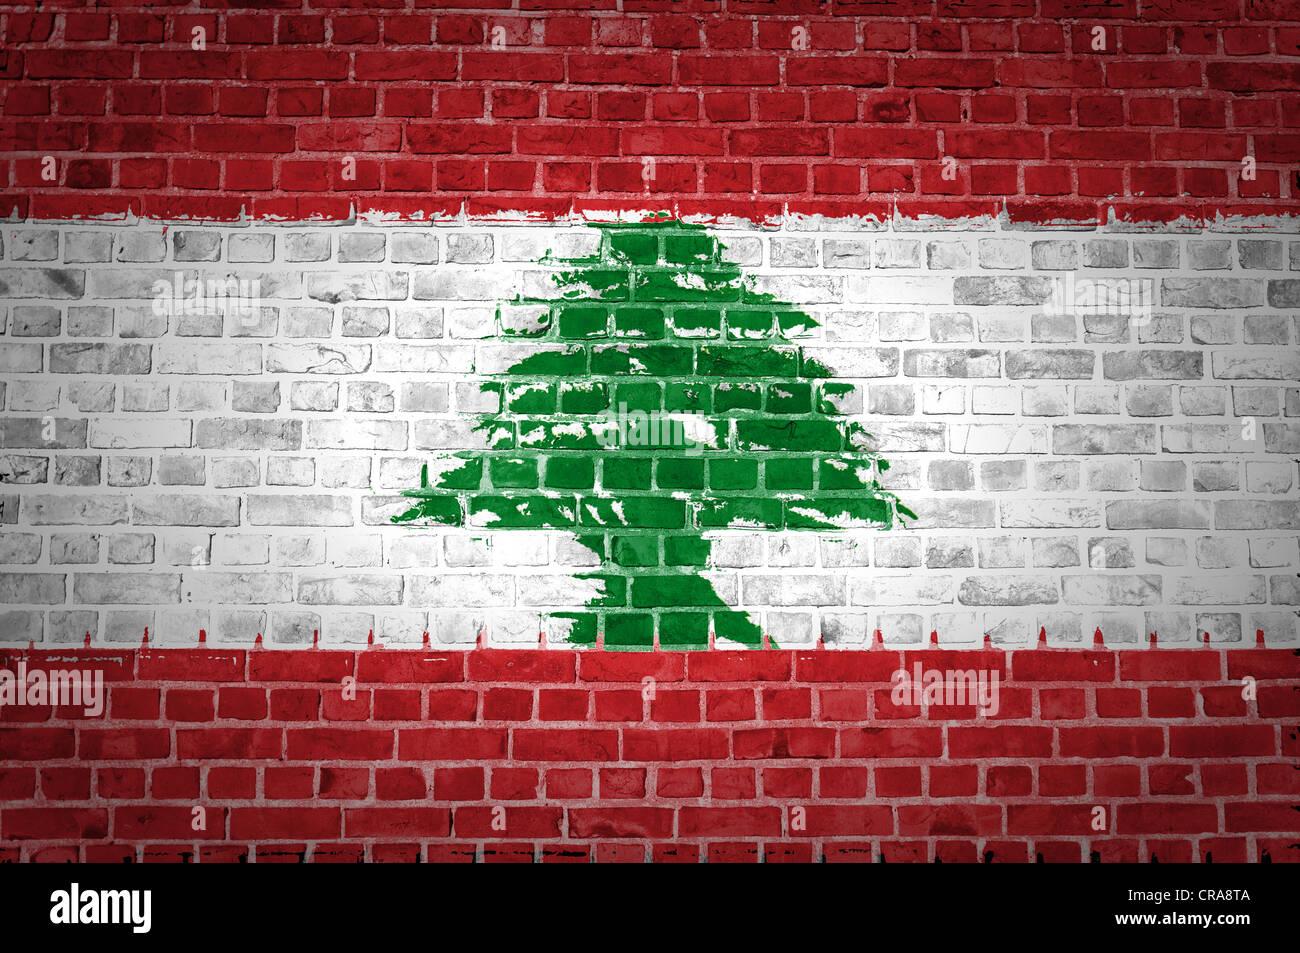 Un'immagine della bandiera del Libano dipinta su un muro di mattoni in una collocazione urbana Immagini Stock